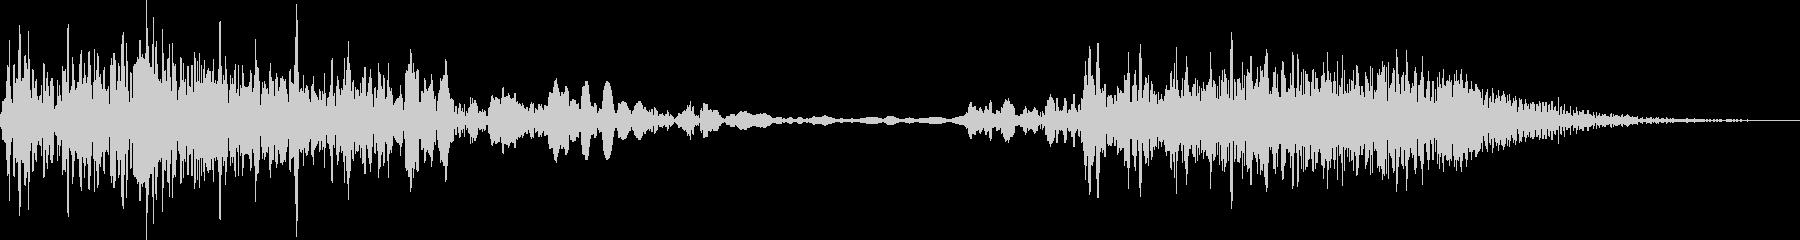 モーターフィルターエアヒューシュ2...の未再生の波形